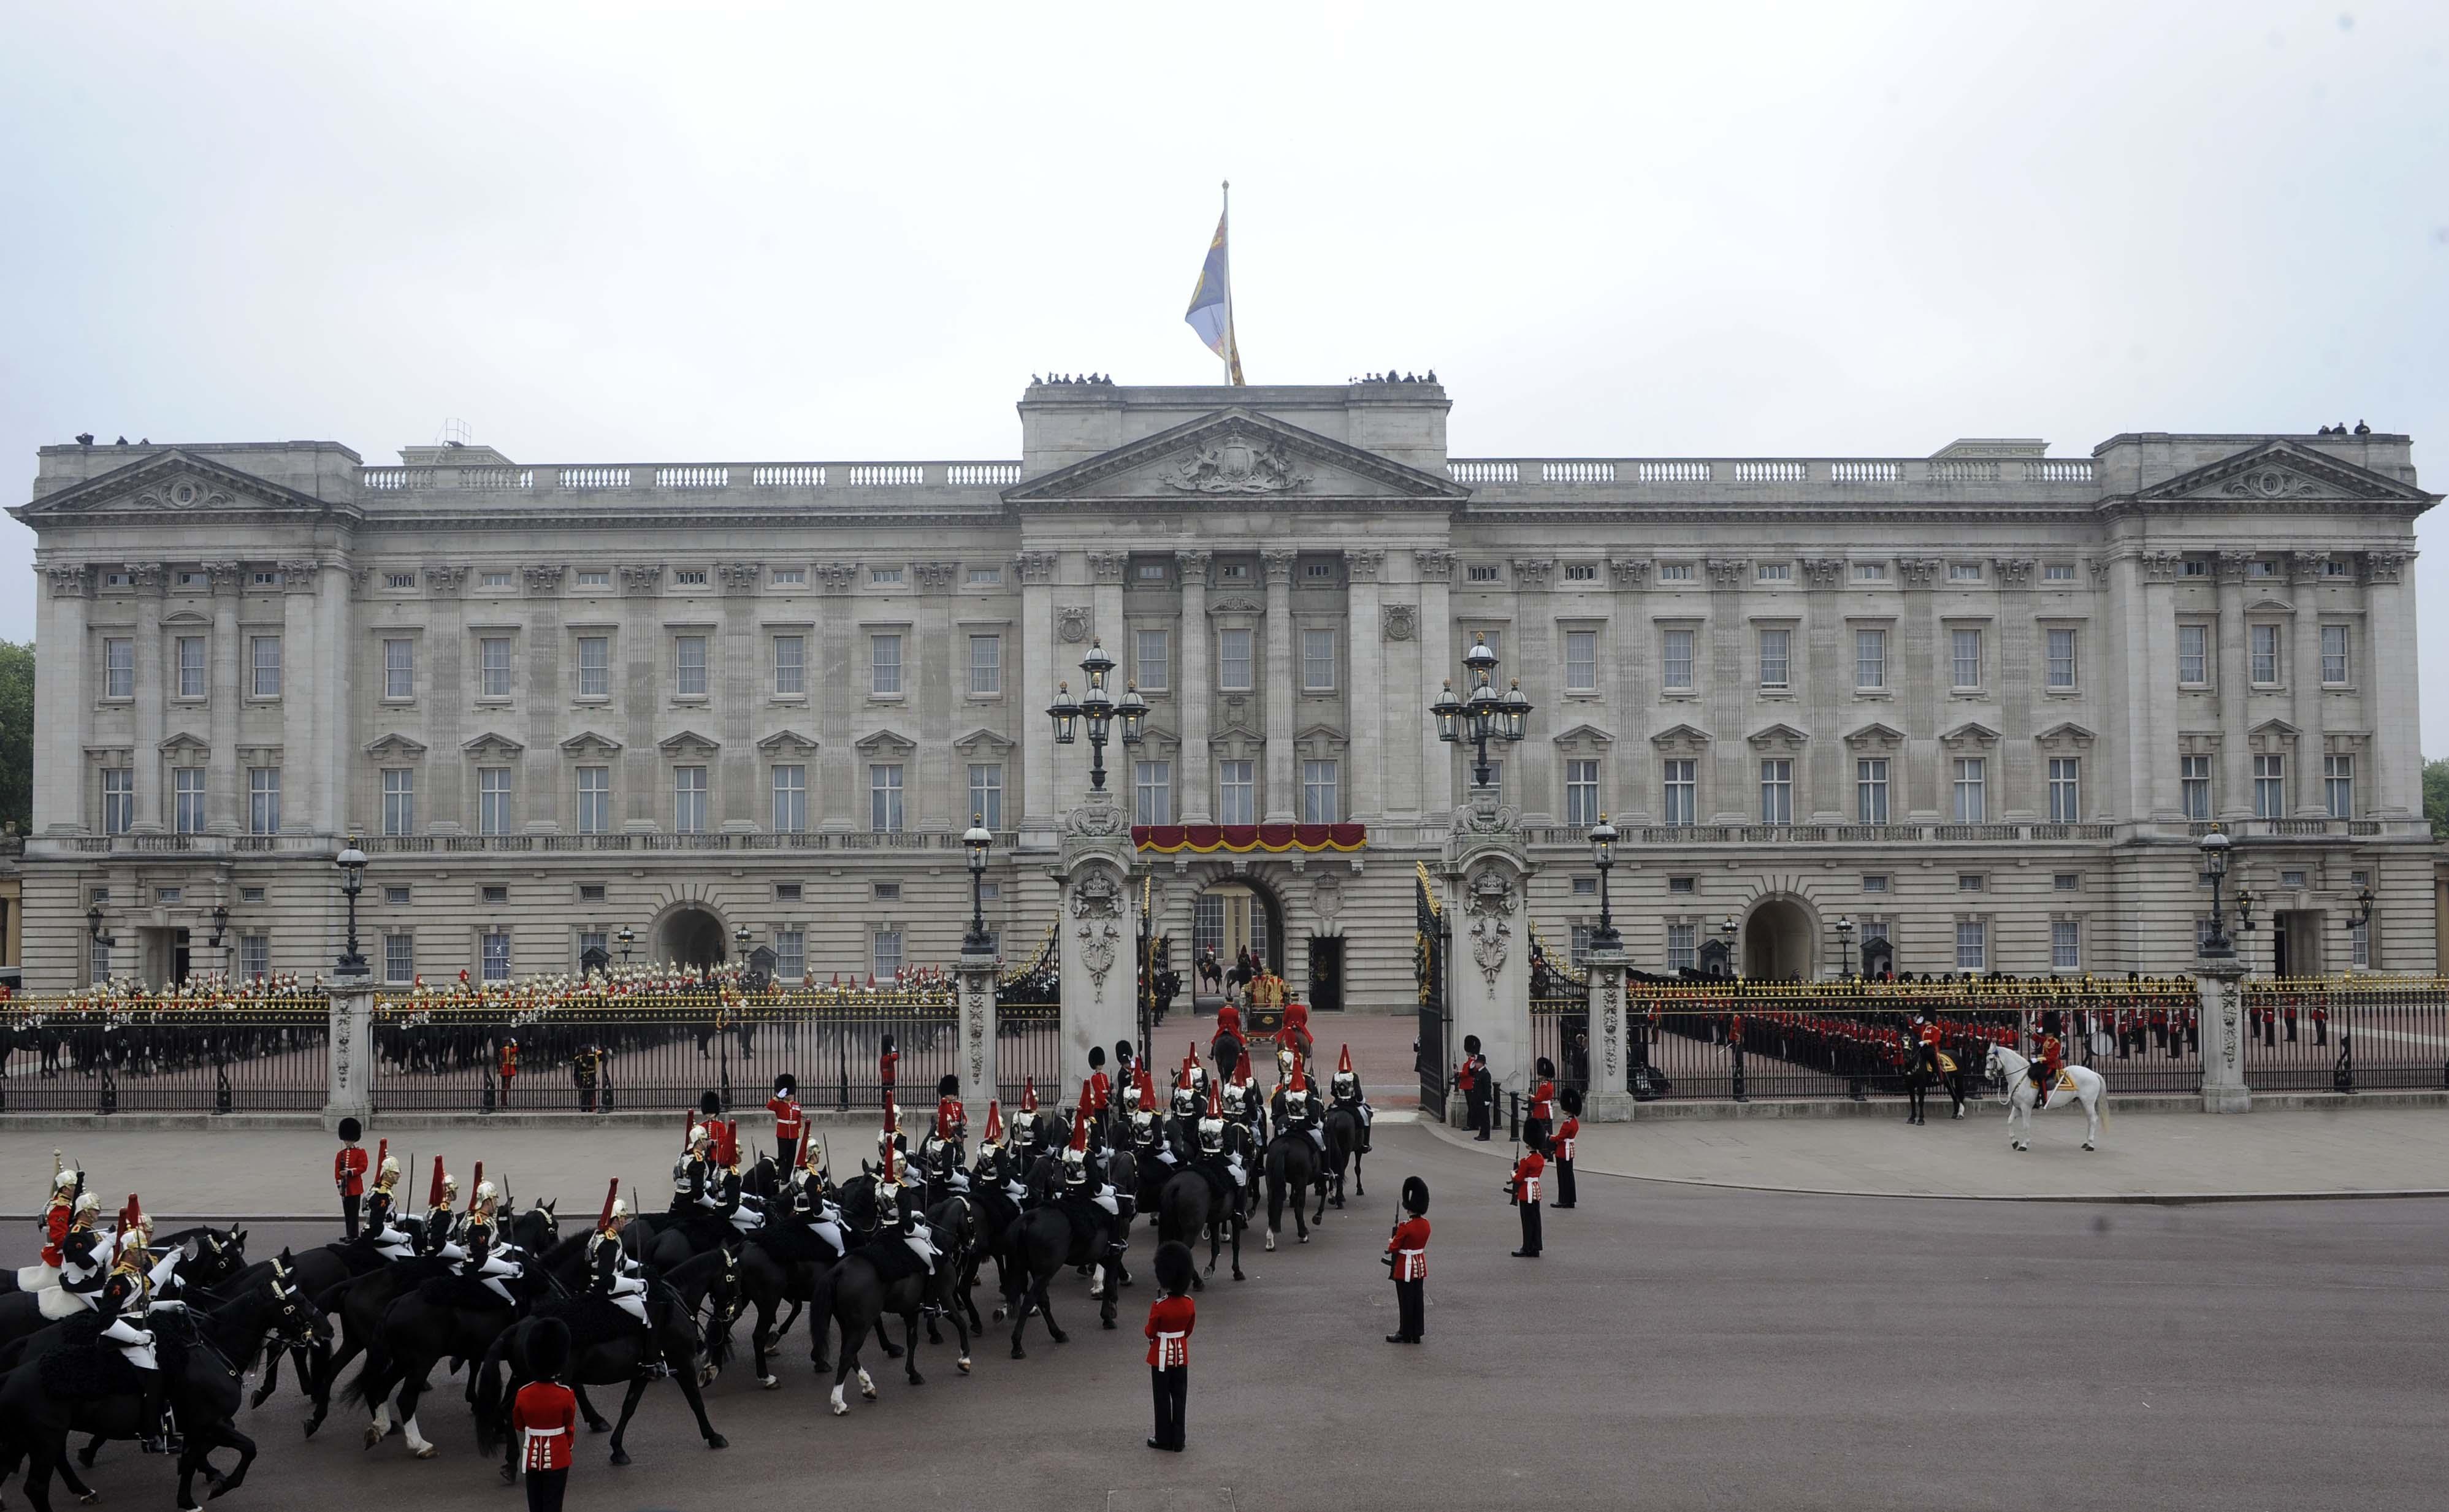 道家阴符派博客--英国伦敦的白金汉宫风水漫谈-- 3